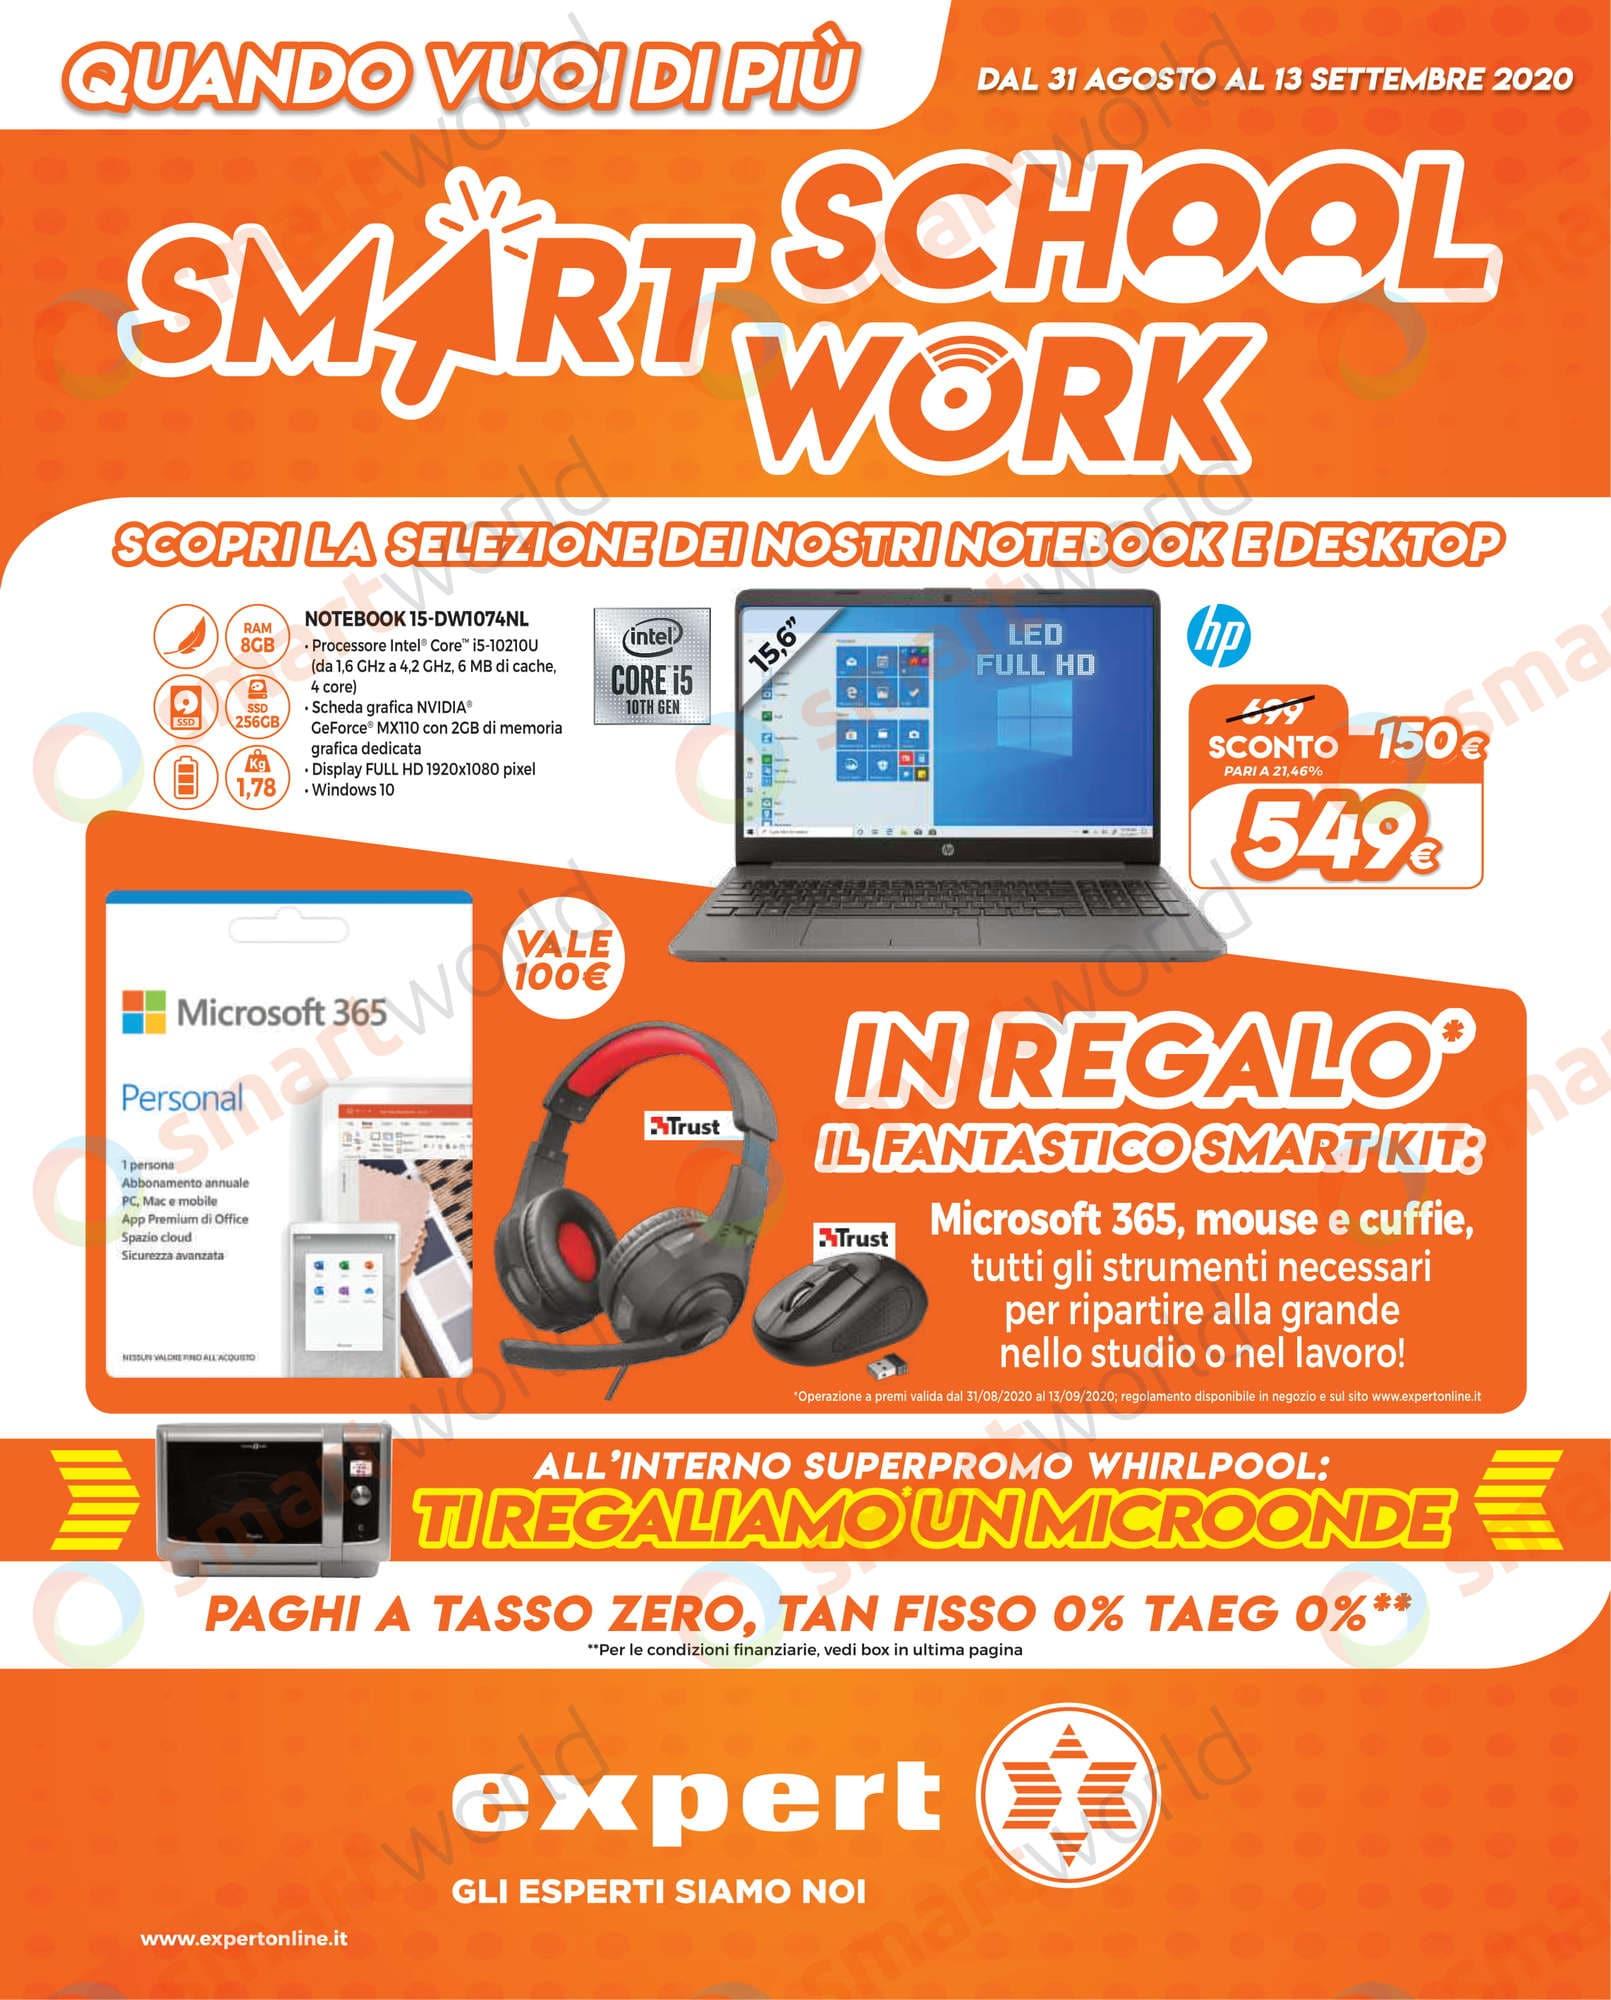 Vol SMART SCHOOL SMART WORK 31 ago – 13 sett EXPERT DGGROUP-01_risultato